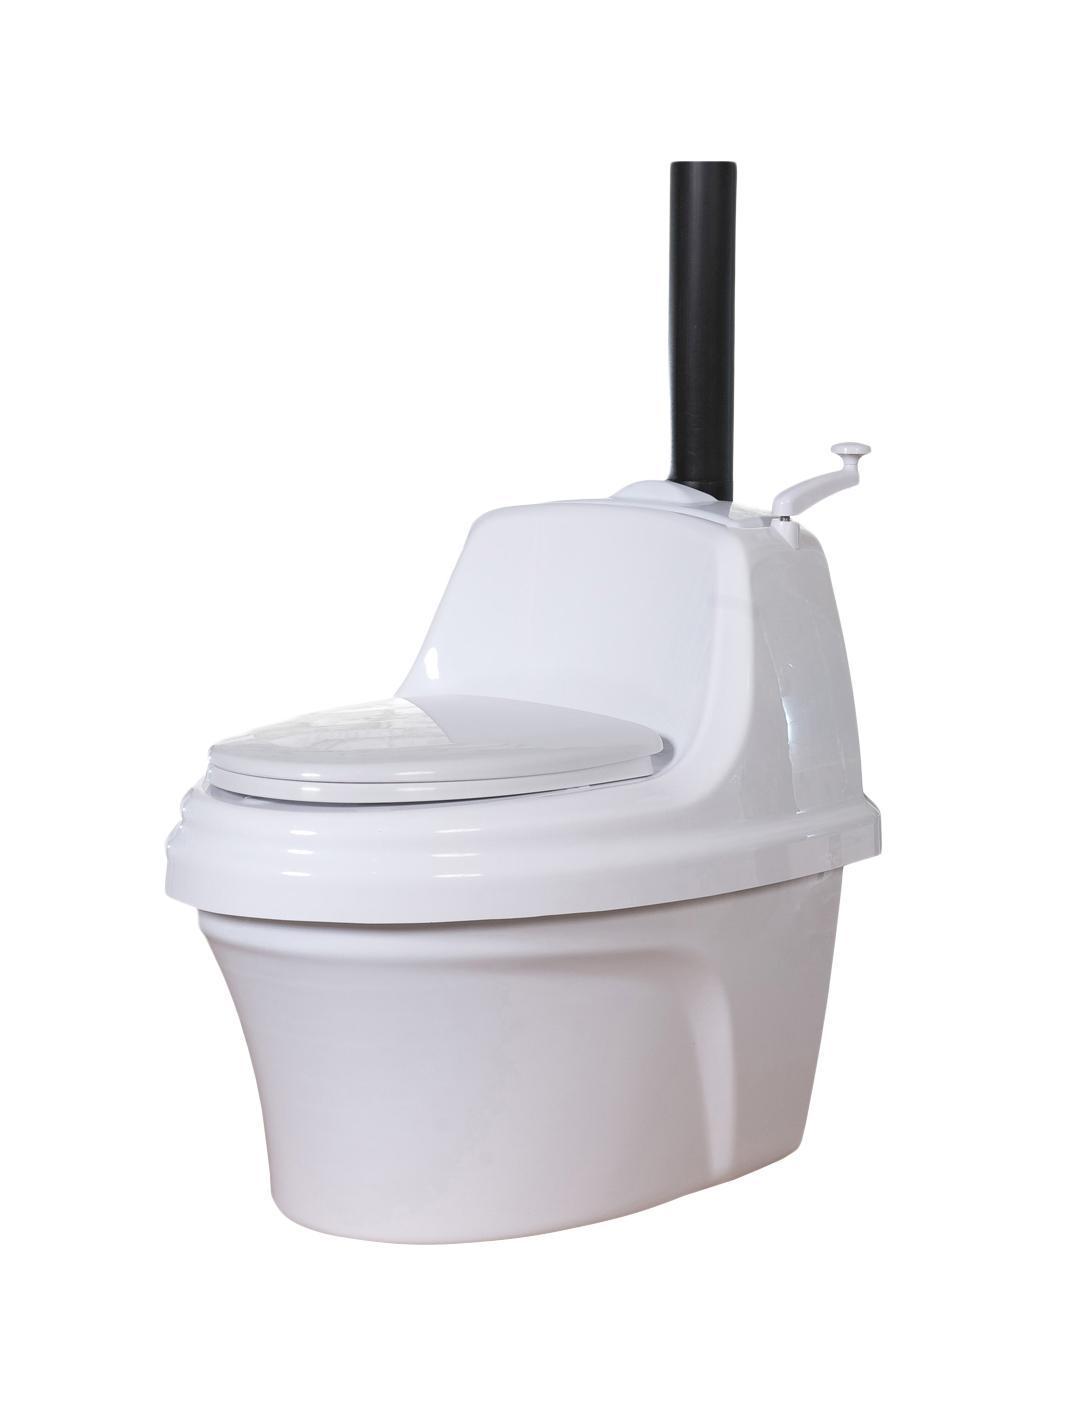 Биотуалет Piteco 20019201Торфяной биотуалет Piteco - это автономный компостирующий туалет, которому не требуется подсоединения к системе канализации и водоснабжения. Конструкция биотуалета разработана с целью создания максимально благоприятных условий для компостирования органических отходов. Изготовлен из сантехнического пластика (акрила), оснащен дренажной системой с фильтроэлементом.